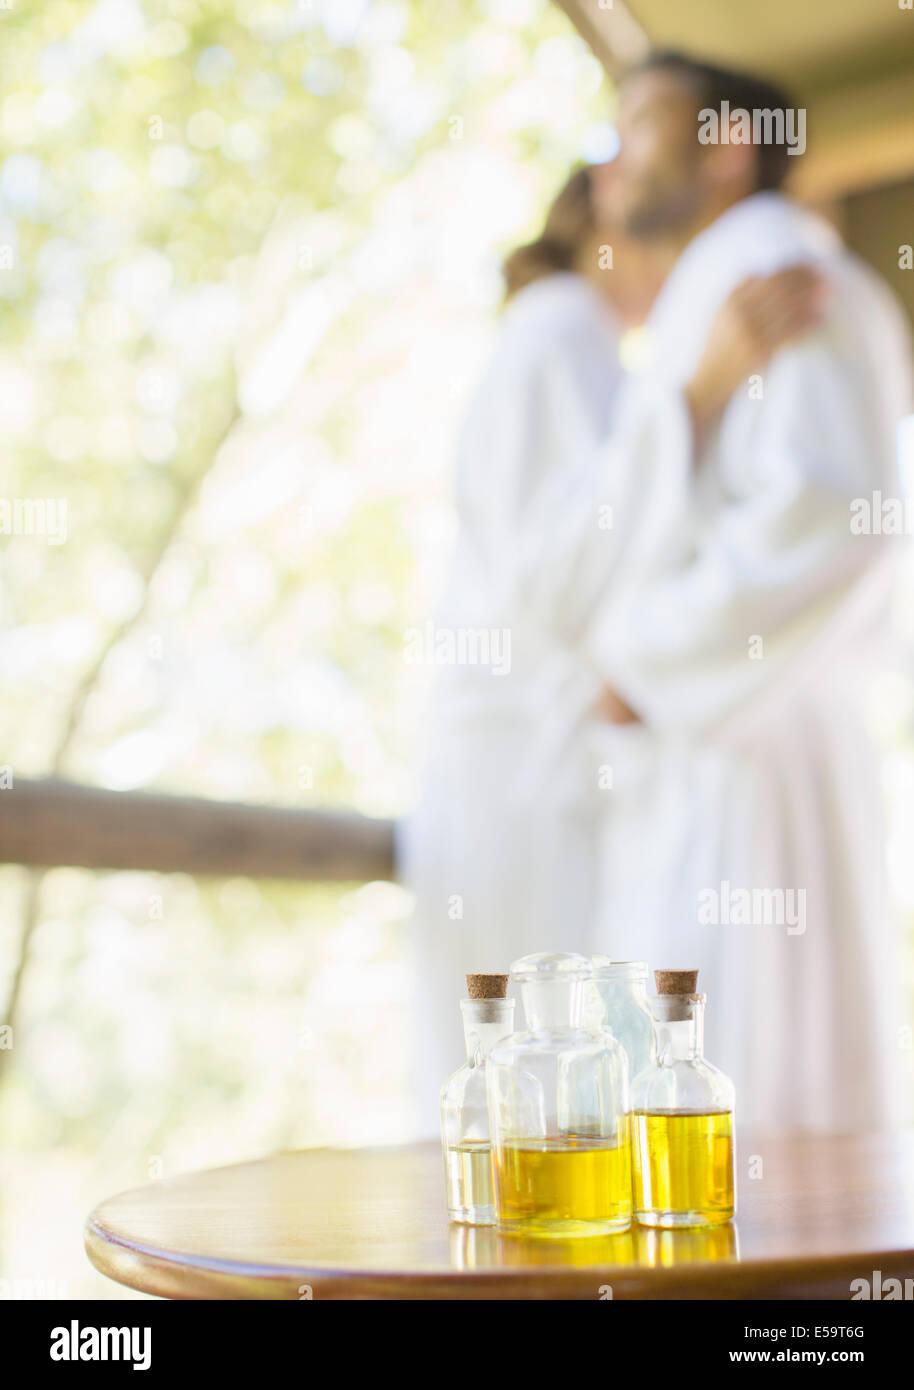 Botellas de aceite de masaje en el lado de la mesa Imagen De Stock